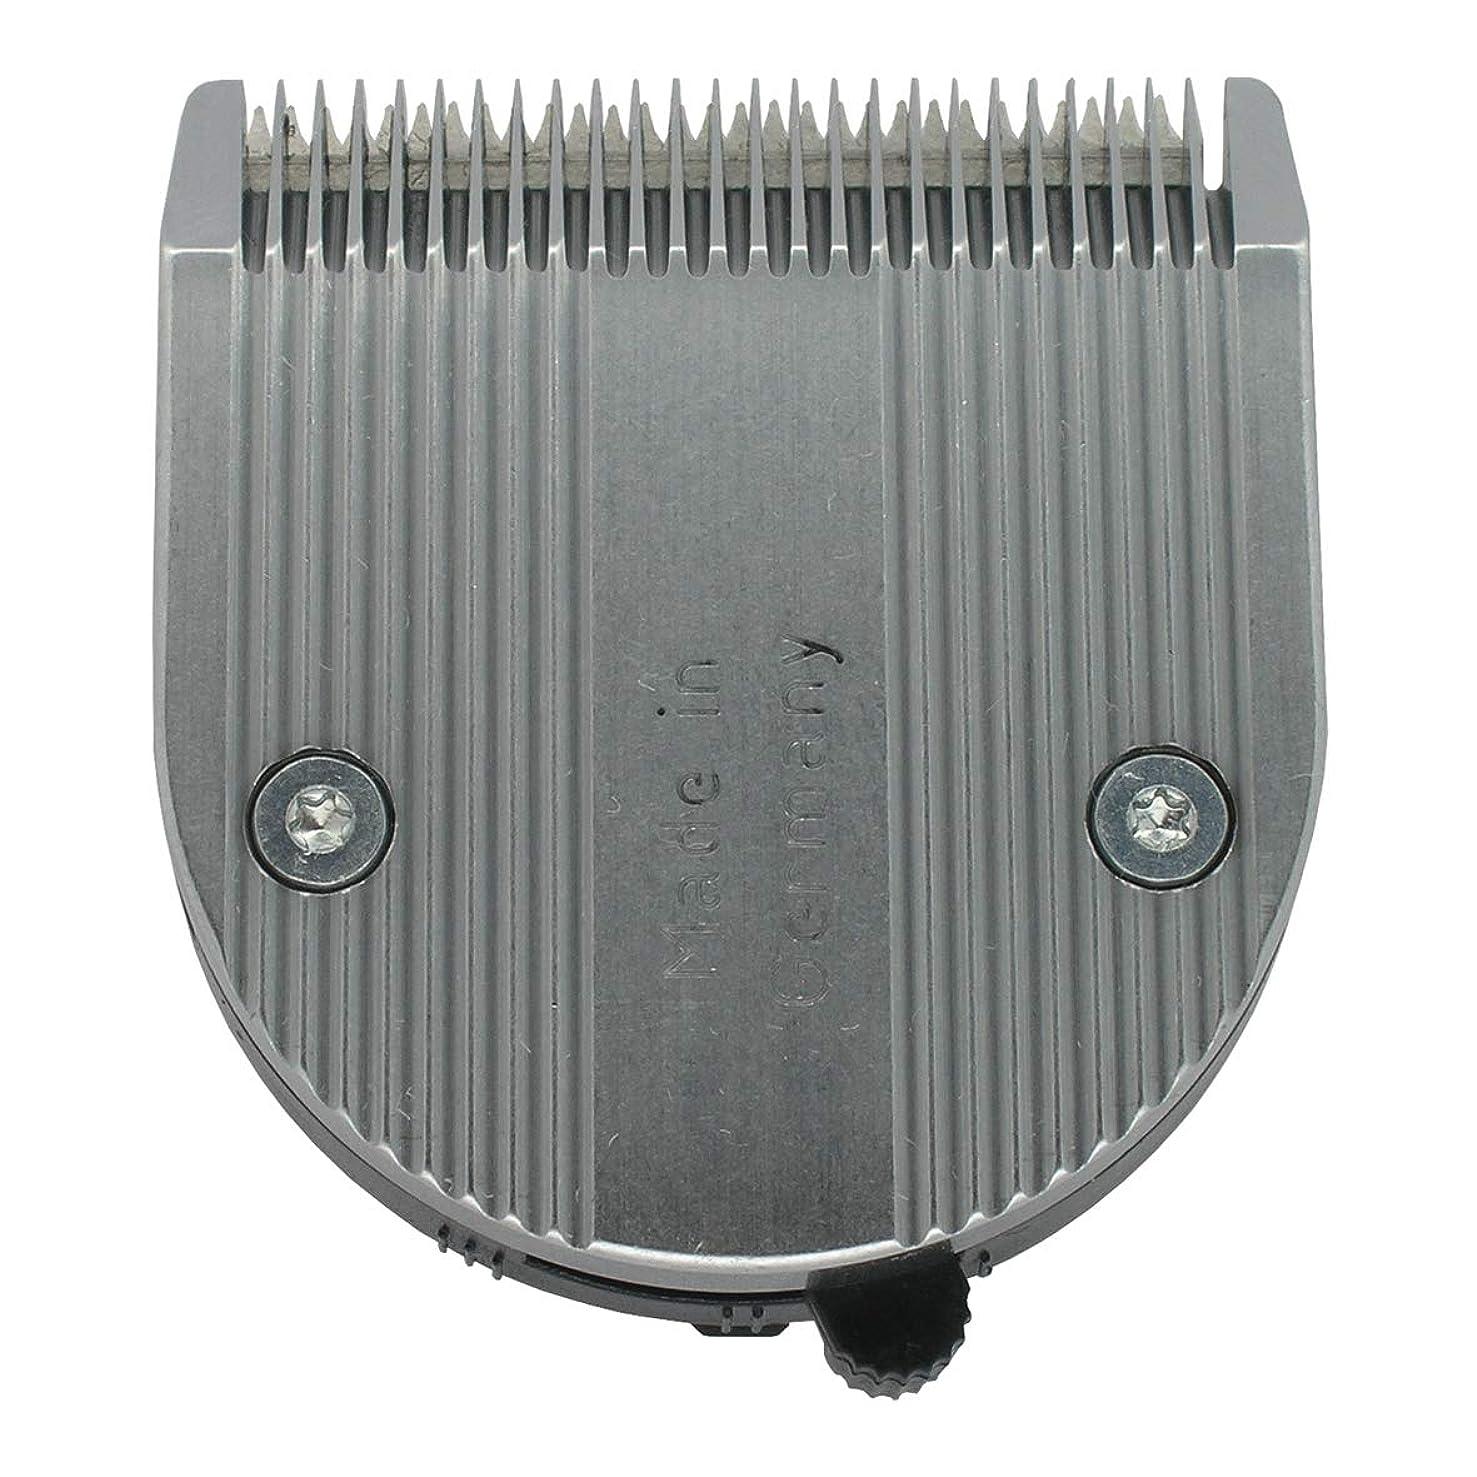 参照裸コークスWAHL クロムスタイル/ベリッシマ用替刃 可変0.6~3mm KM1854-7505